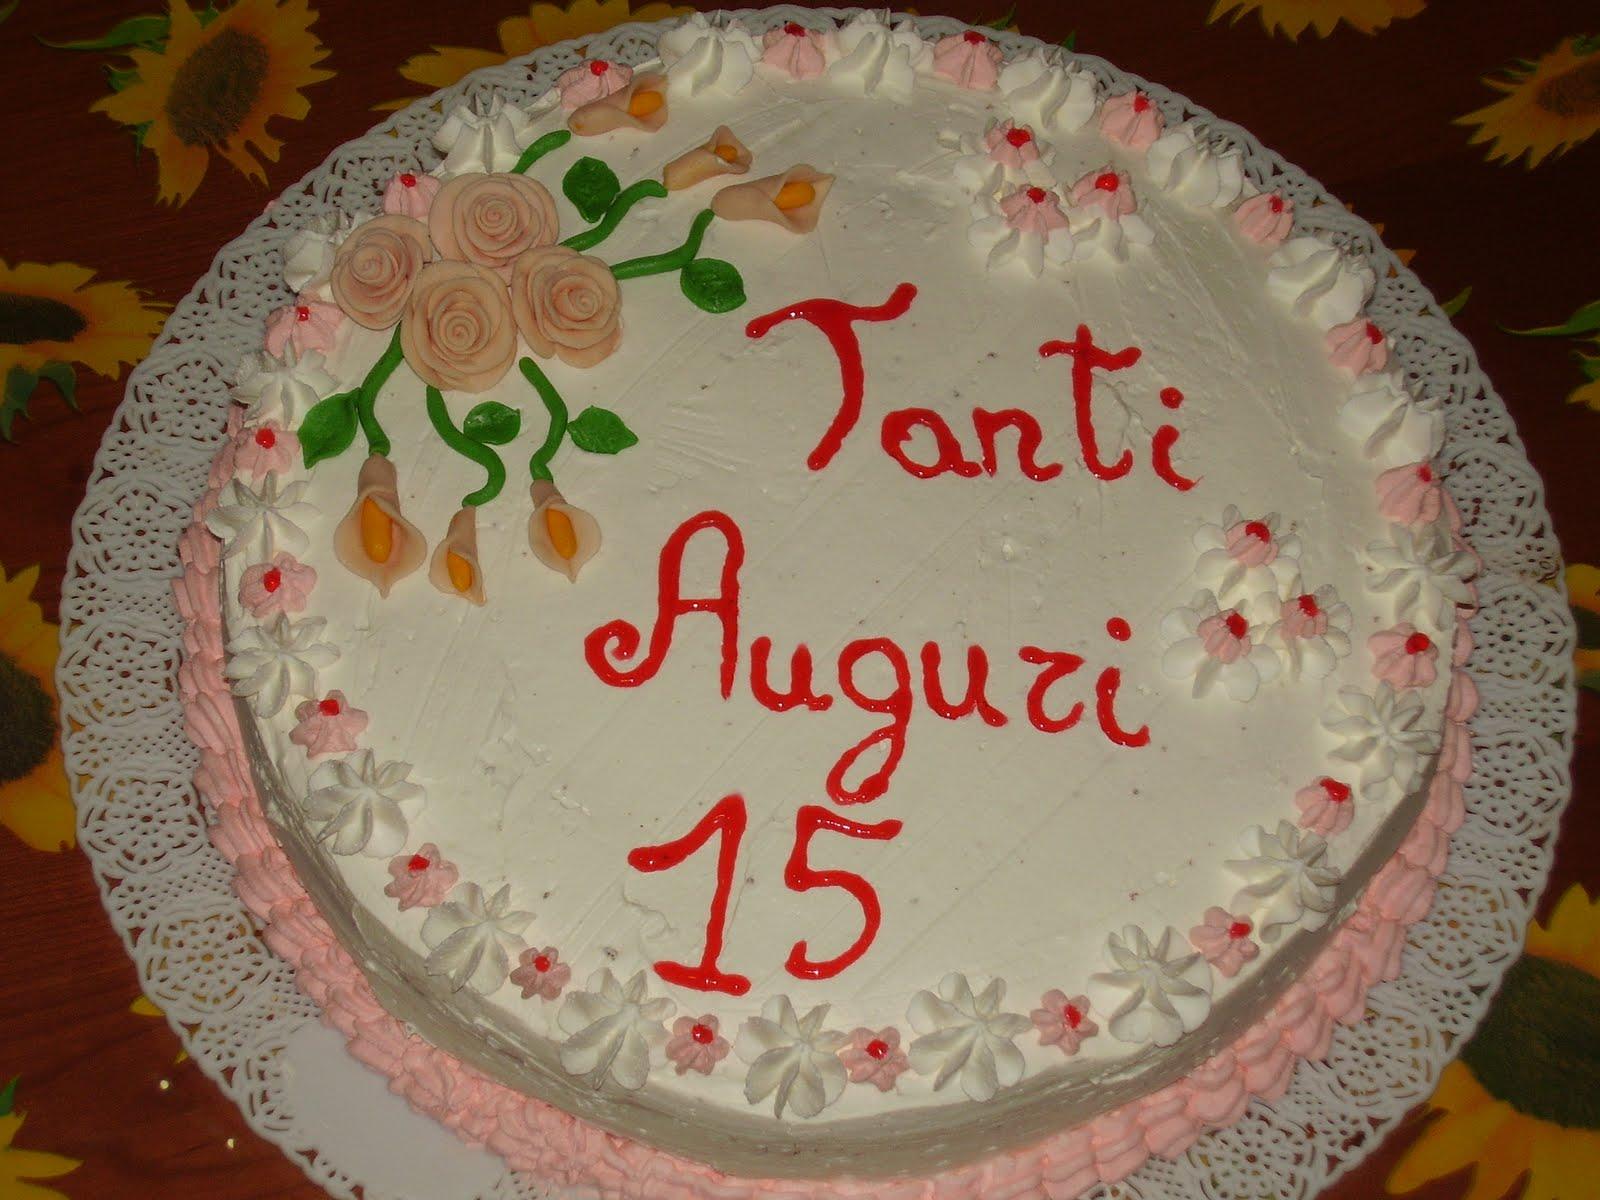 Auguri Compleanno Nipote 15 Anni Parquetfloor